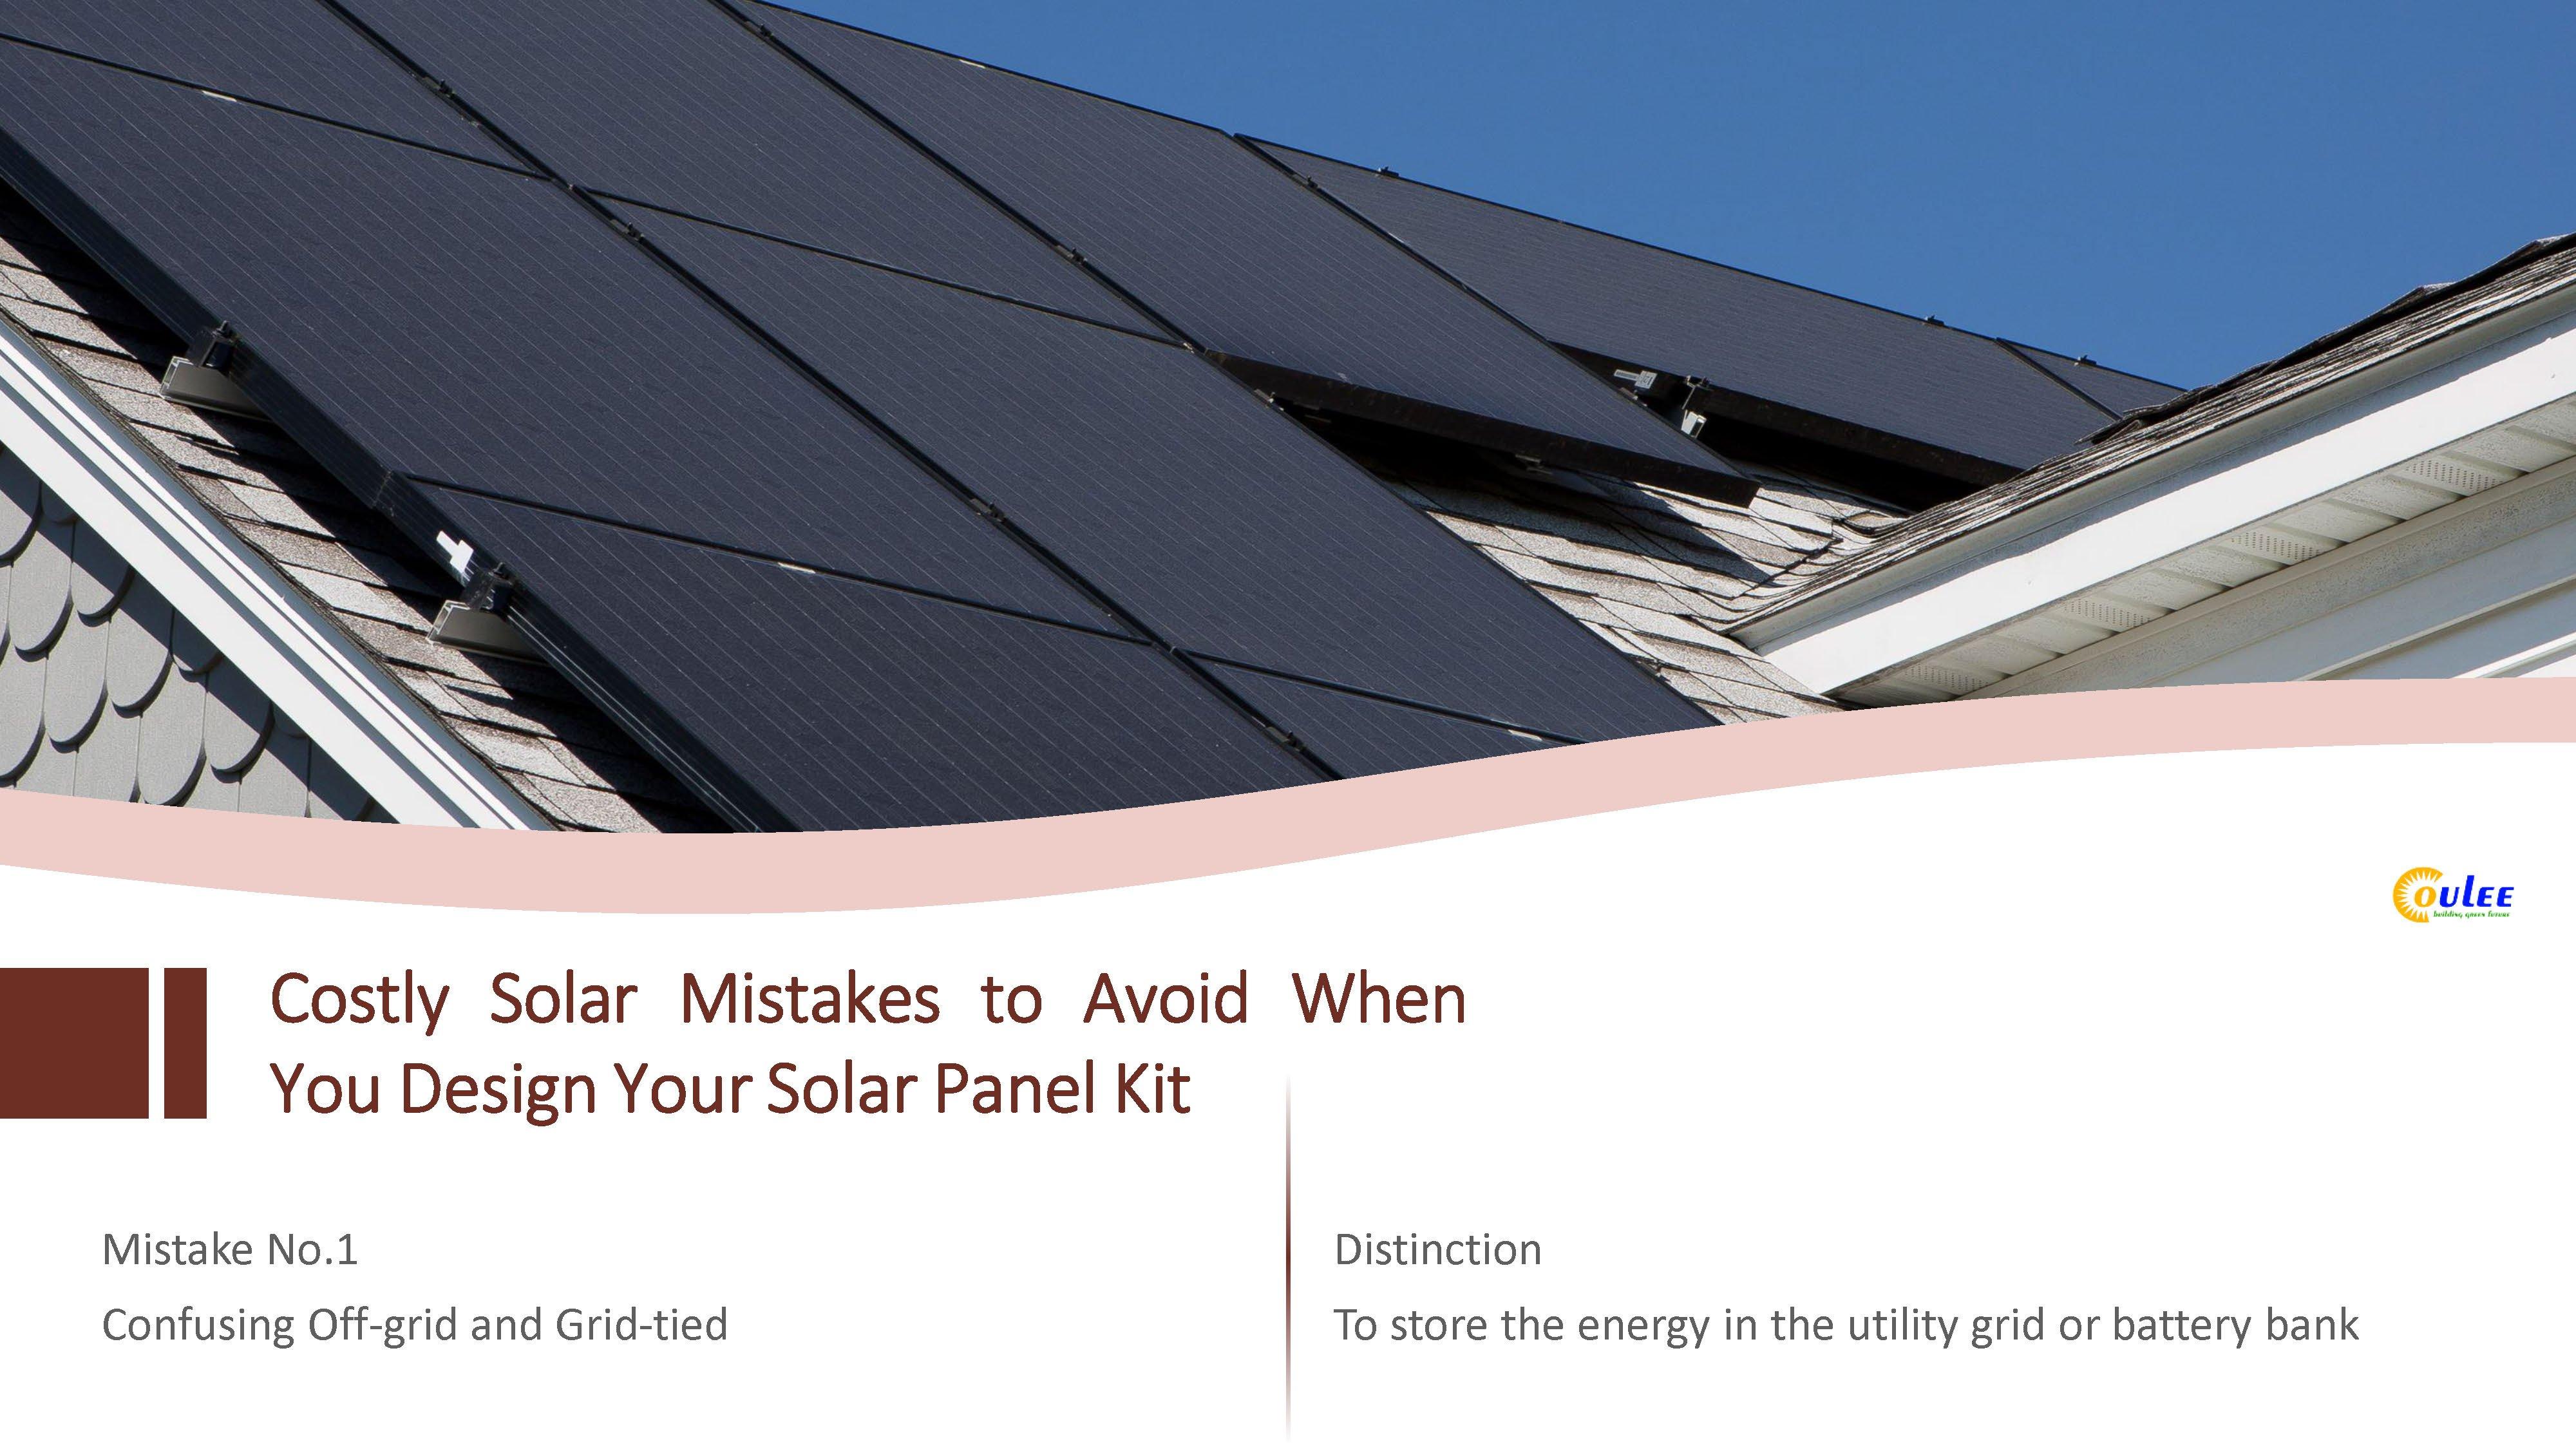 Off-grid solar system, on-grid solar system